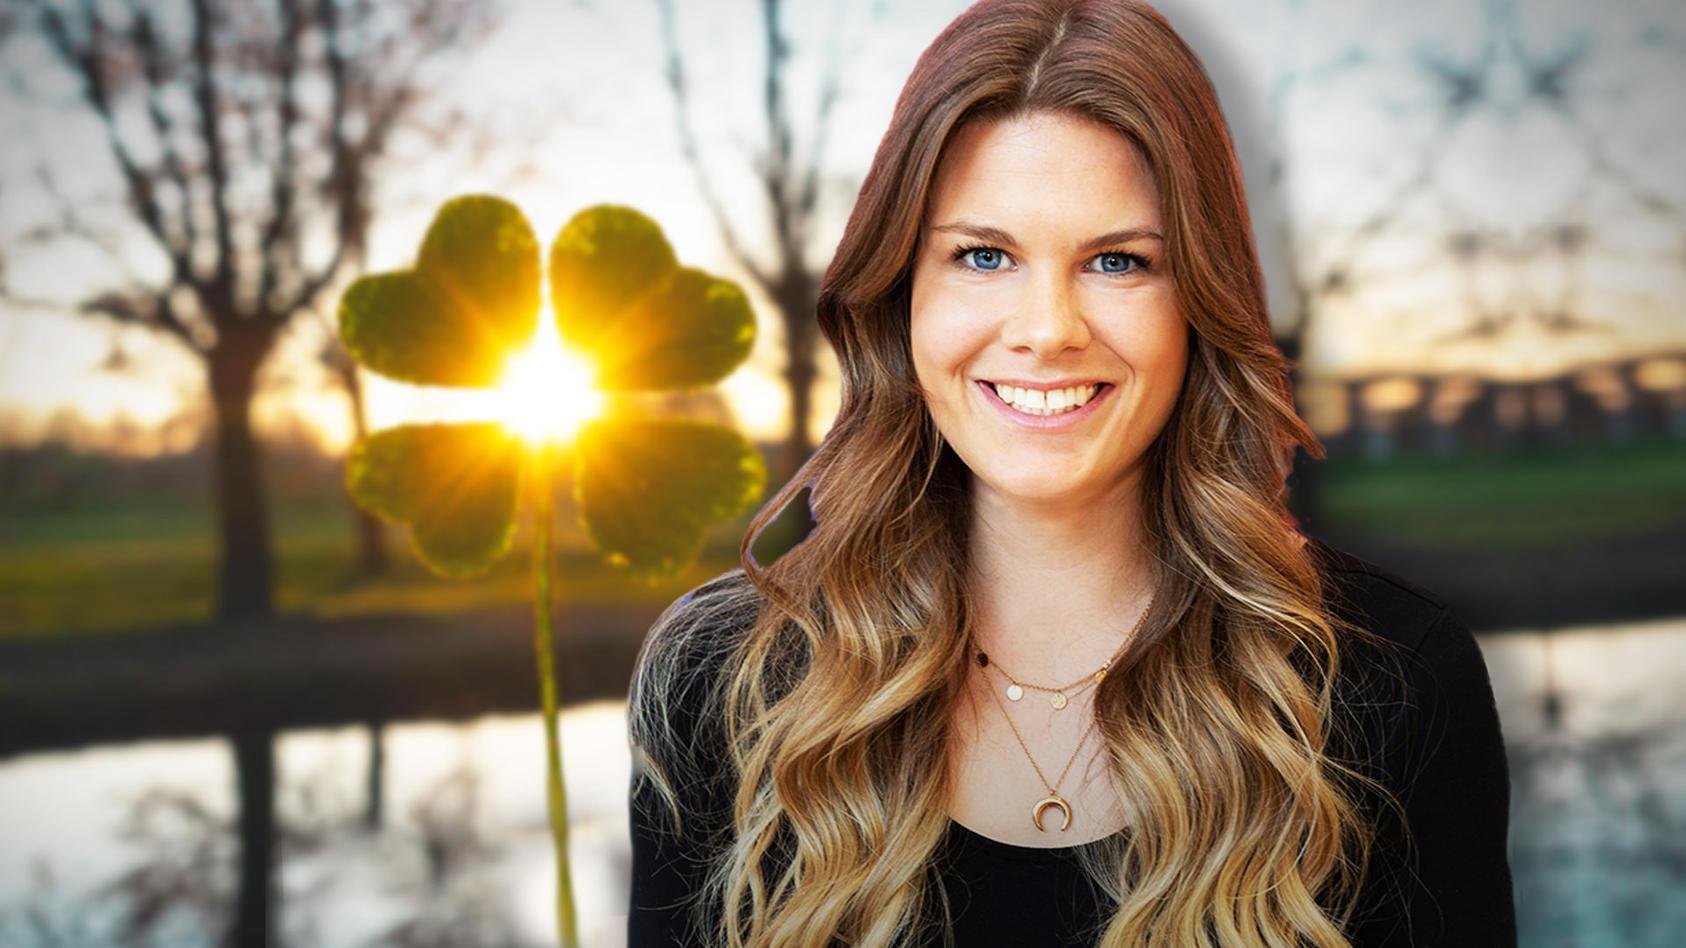 RTL-Reporterin Freyja Steinke geht 24 Stunden auf Glückssuche